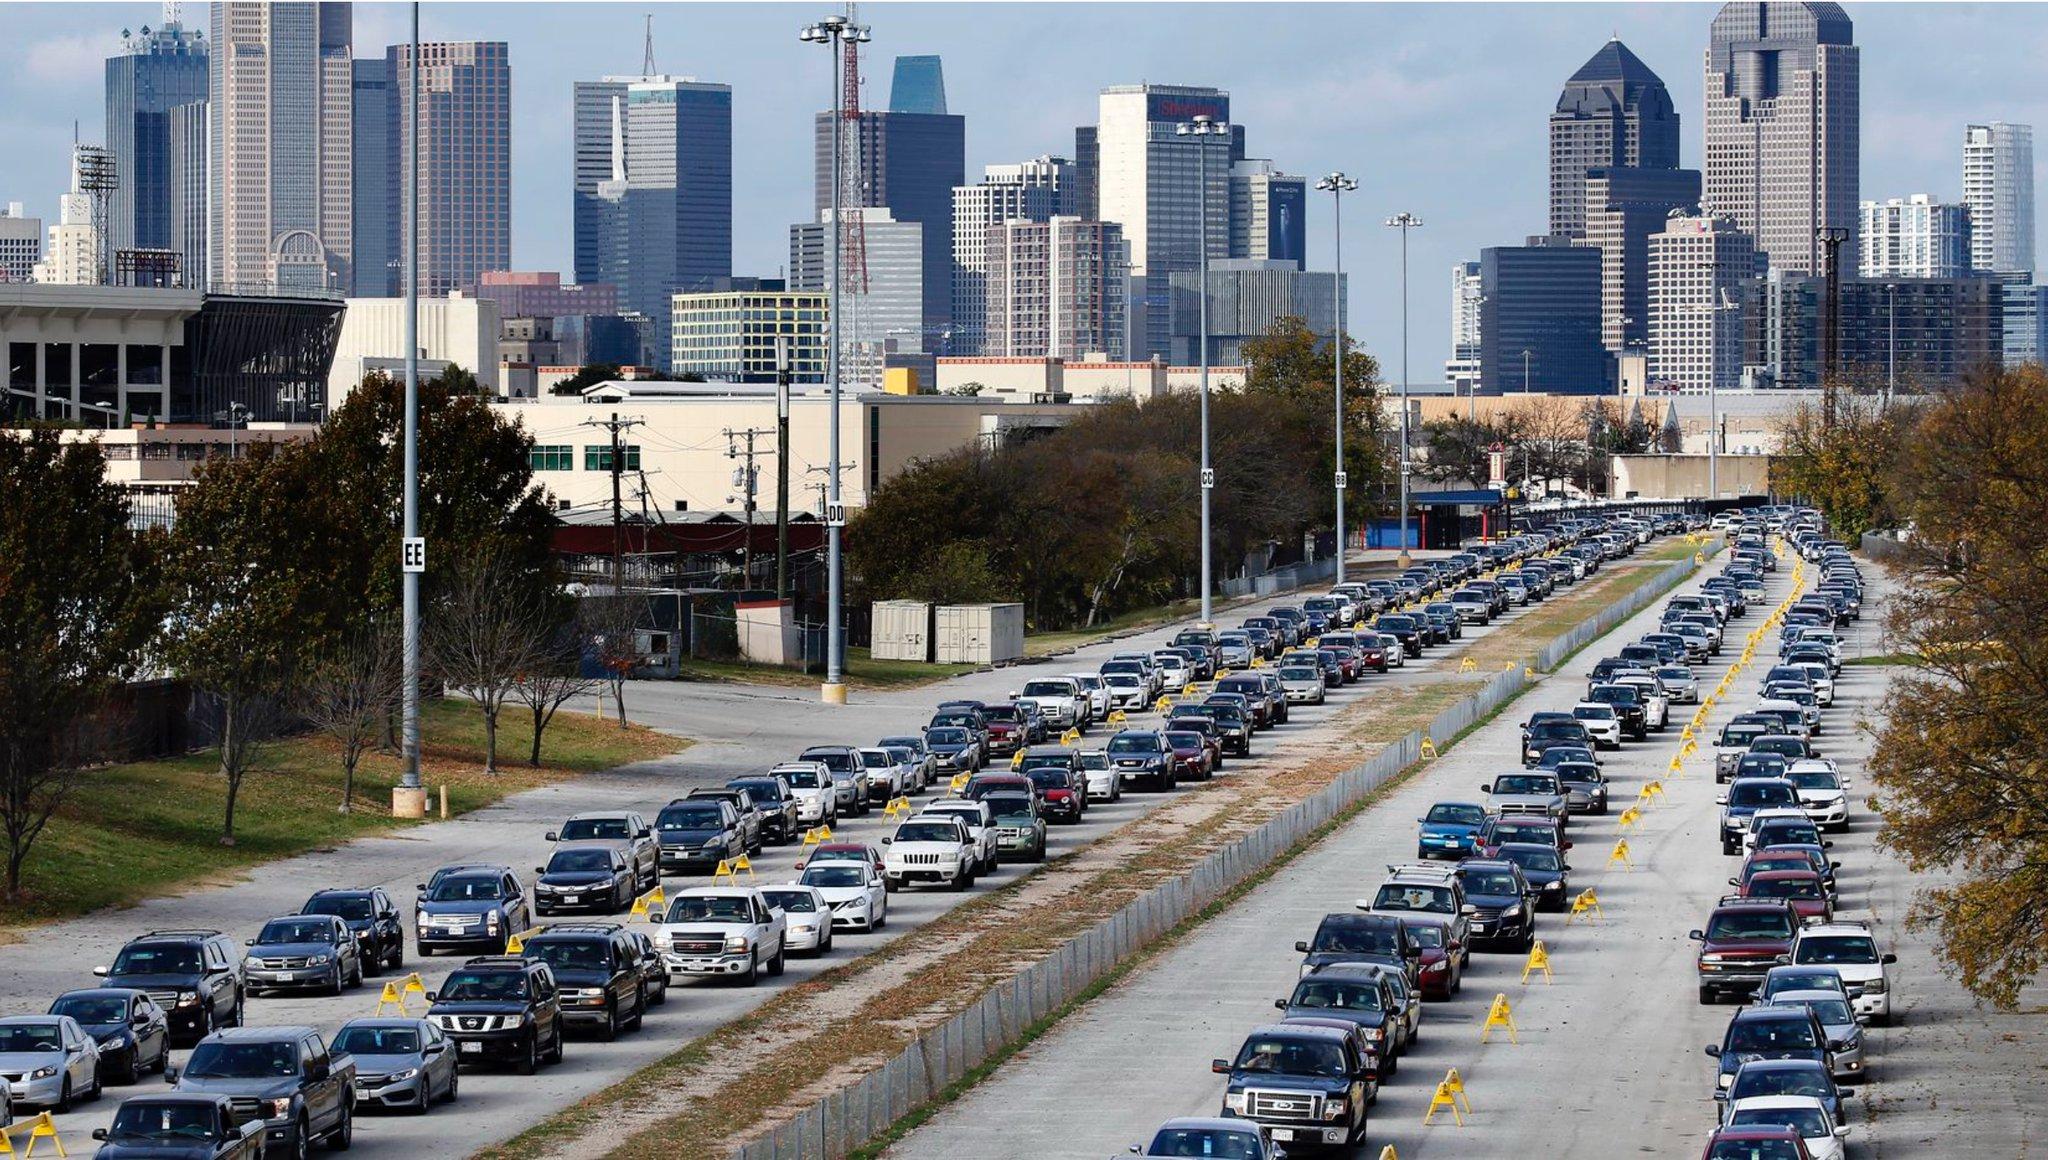 Dallas Foto,Dallas está en tendencia en Twitter - Los tweets más populares